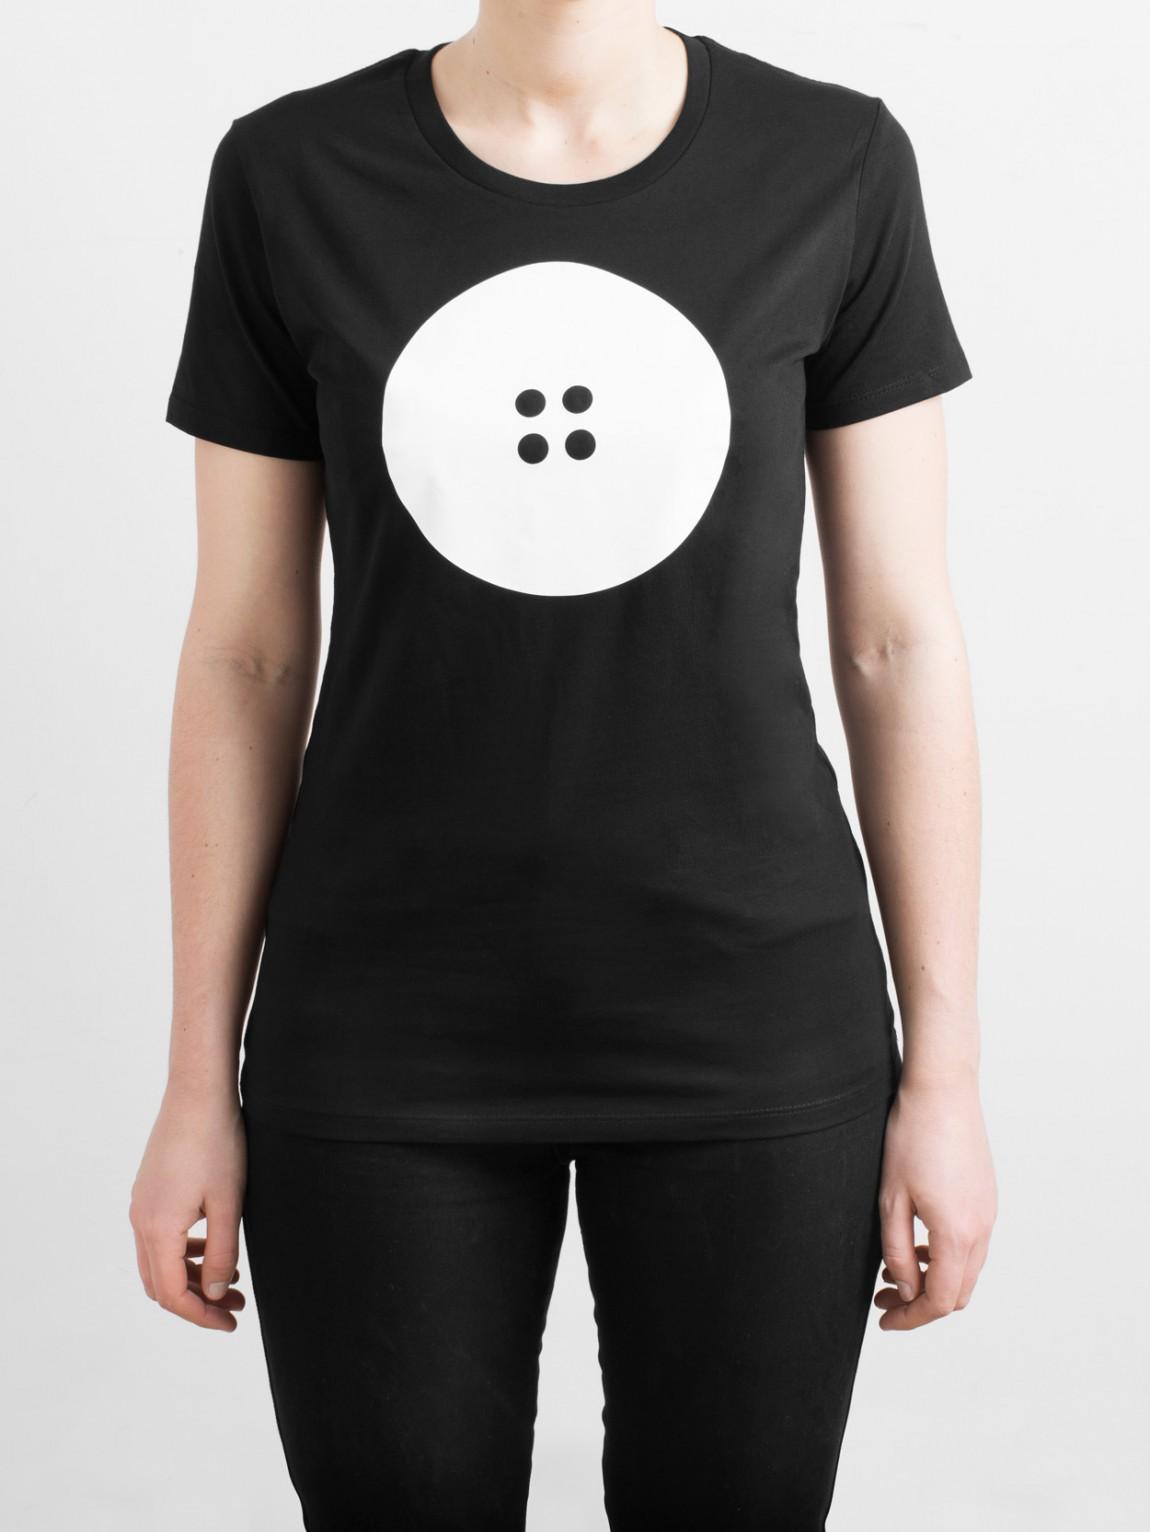 高端设计师服饰Meg's品牌VI设计, 广告衫设计